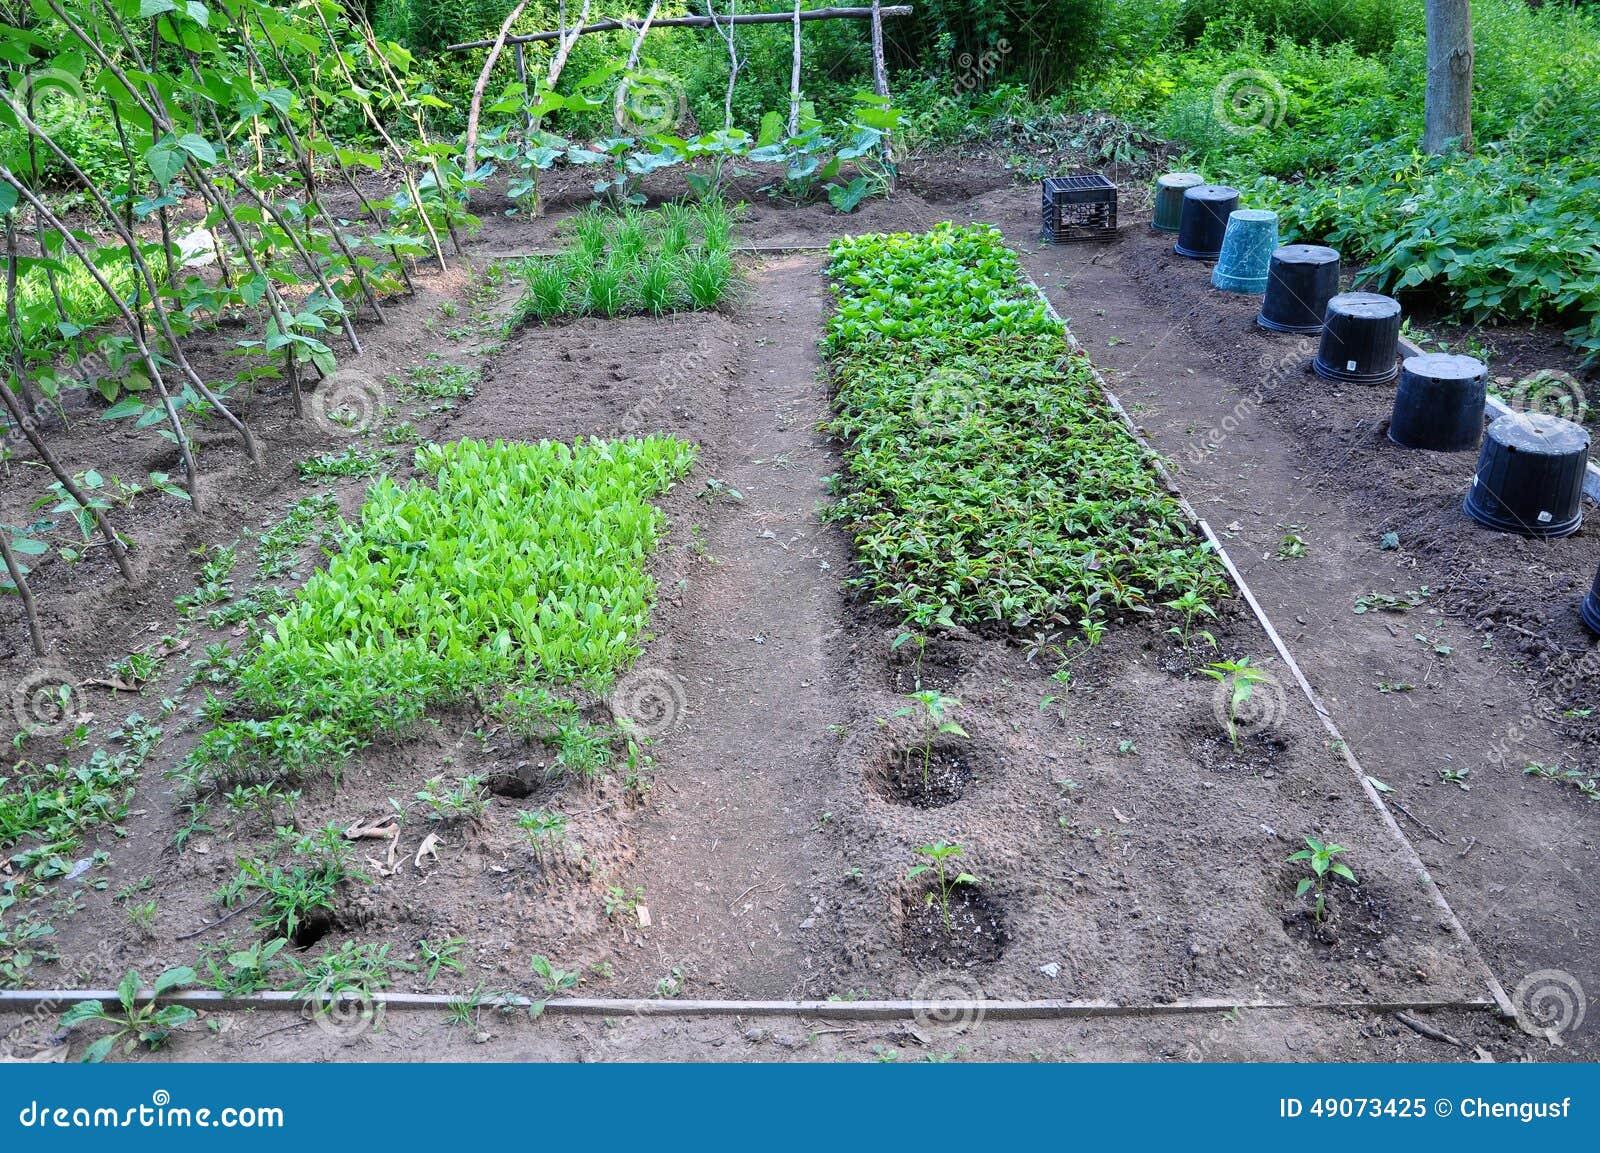 Community Garden Checklist